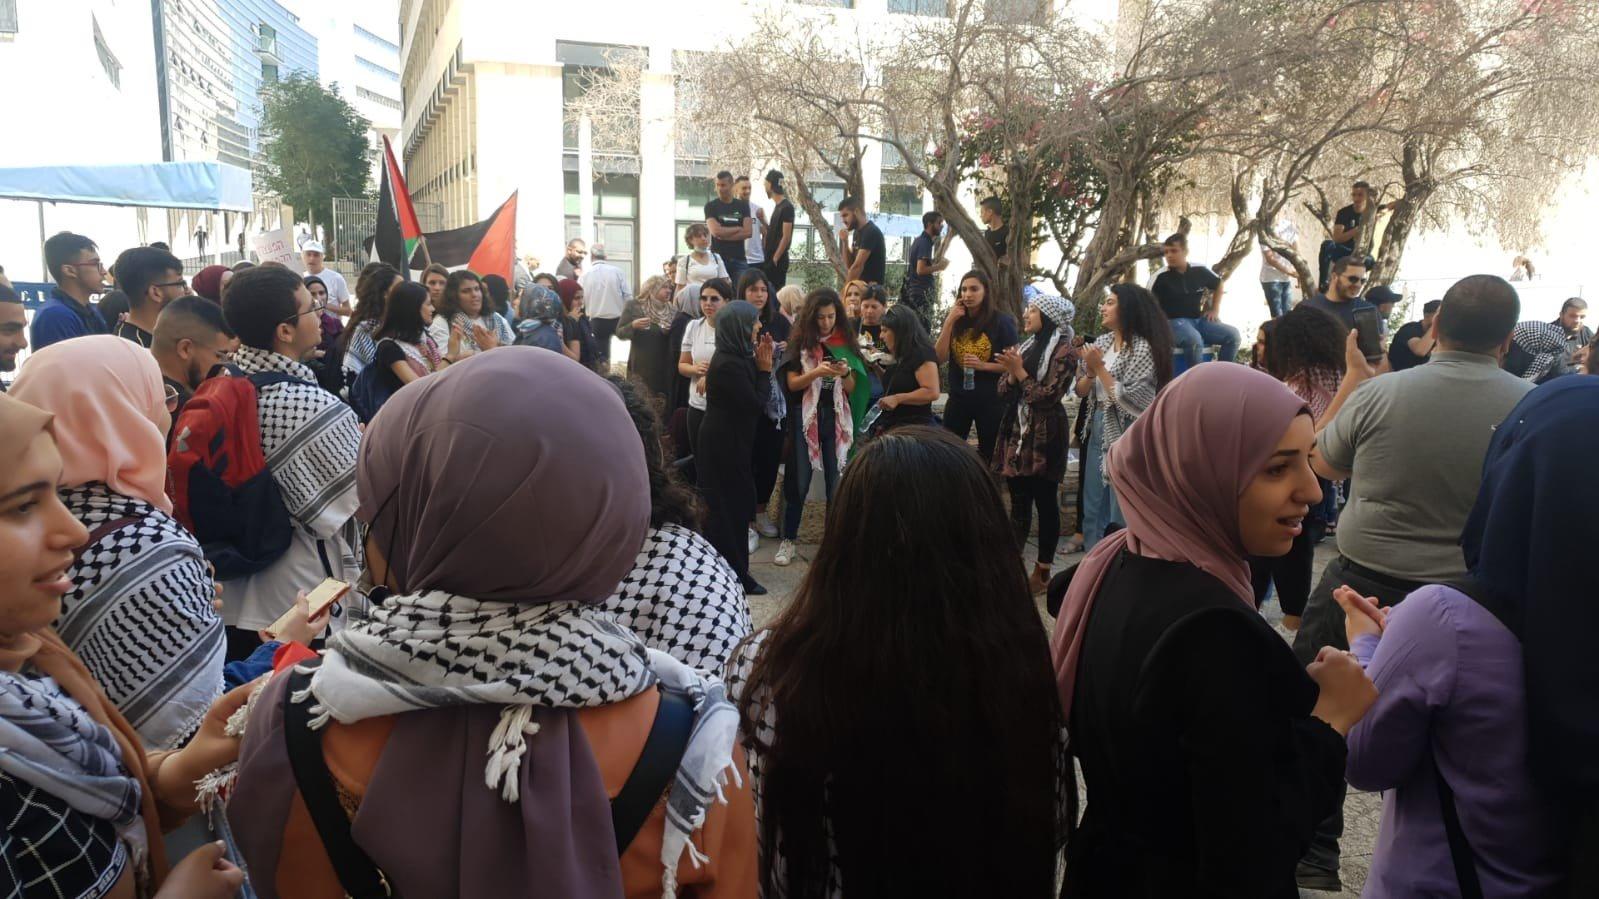 محكمة الصلح في حيفا تُطلق سراح الشاب احمد كيوان صديق الشهيد-1